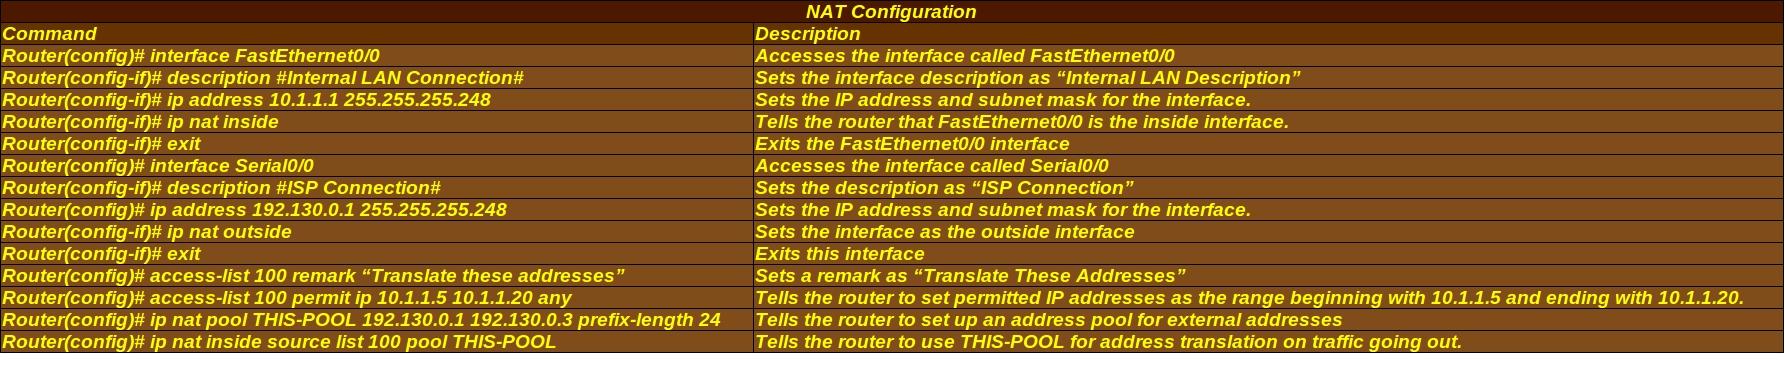 NAT-Config